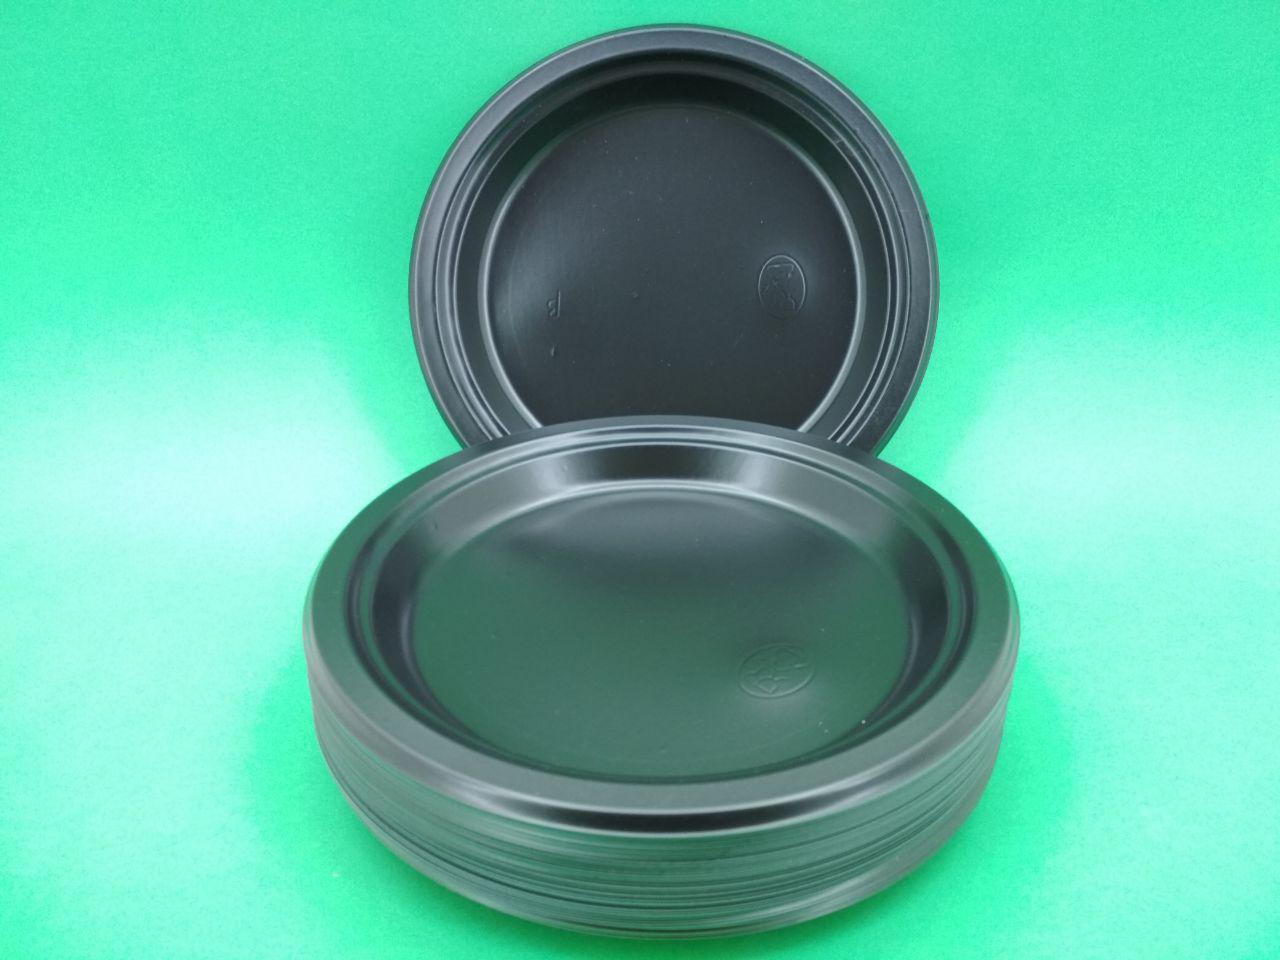 Тарілка одноразова пластикова 240 mm Чорна (50 шт)